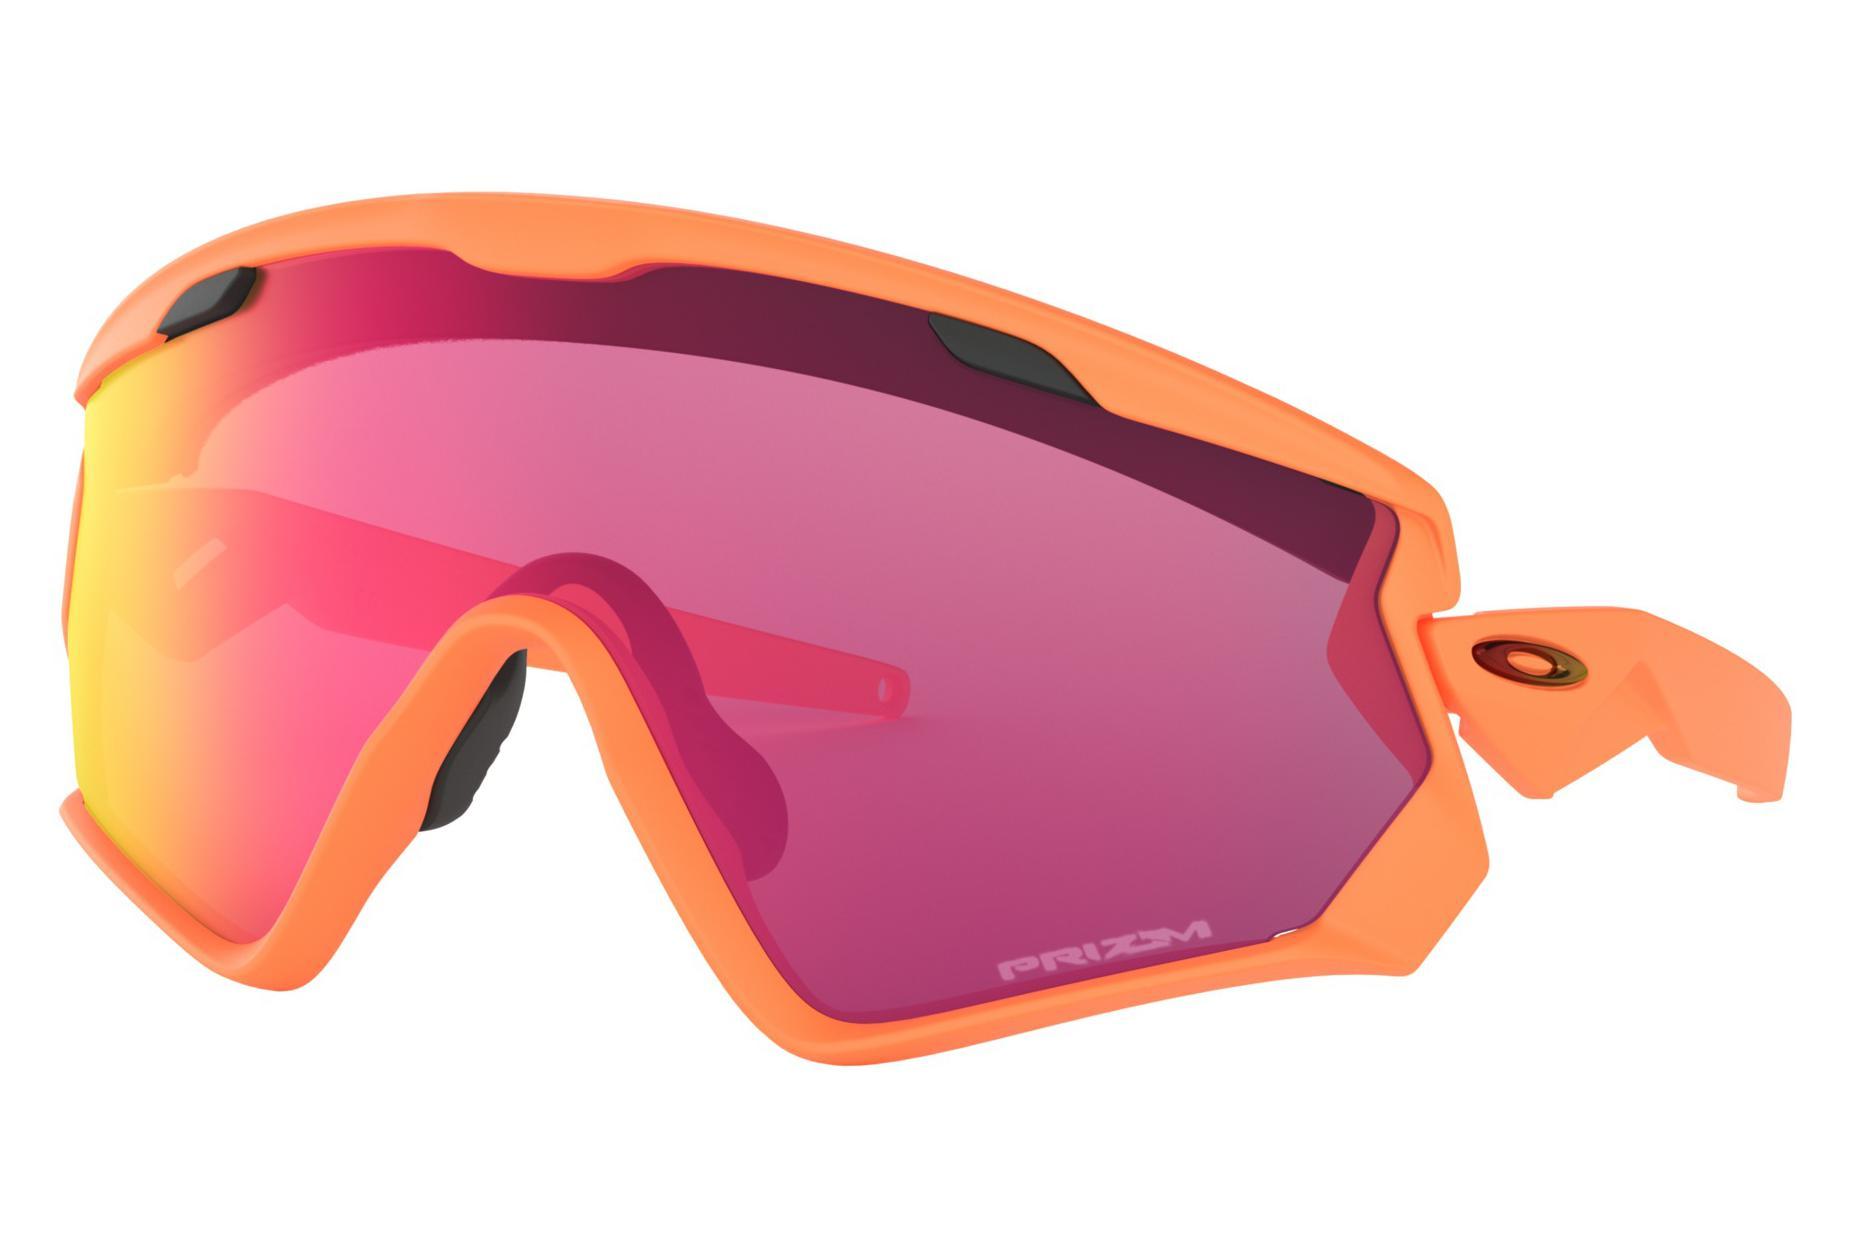 2cbf49043f0 Oakley Sunglasses Wind Jacket 2.0 Matte Neon Orange   Prizm Road   Ref.  OO9418-